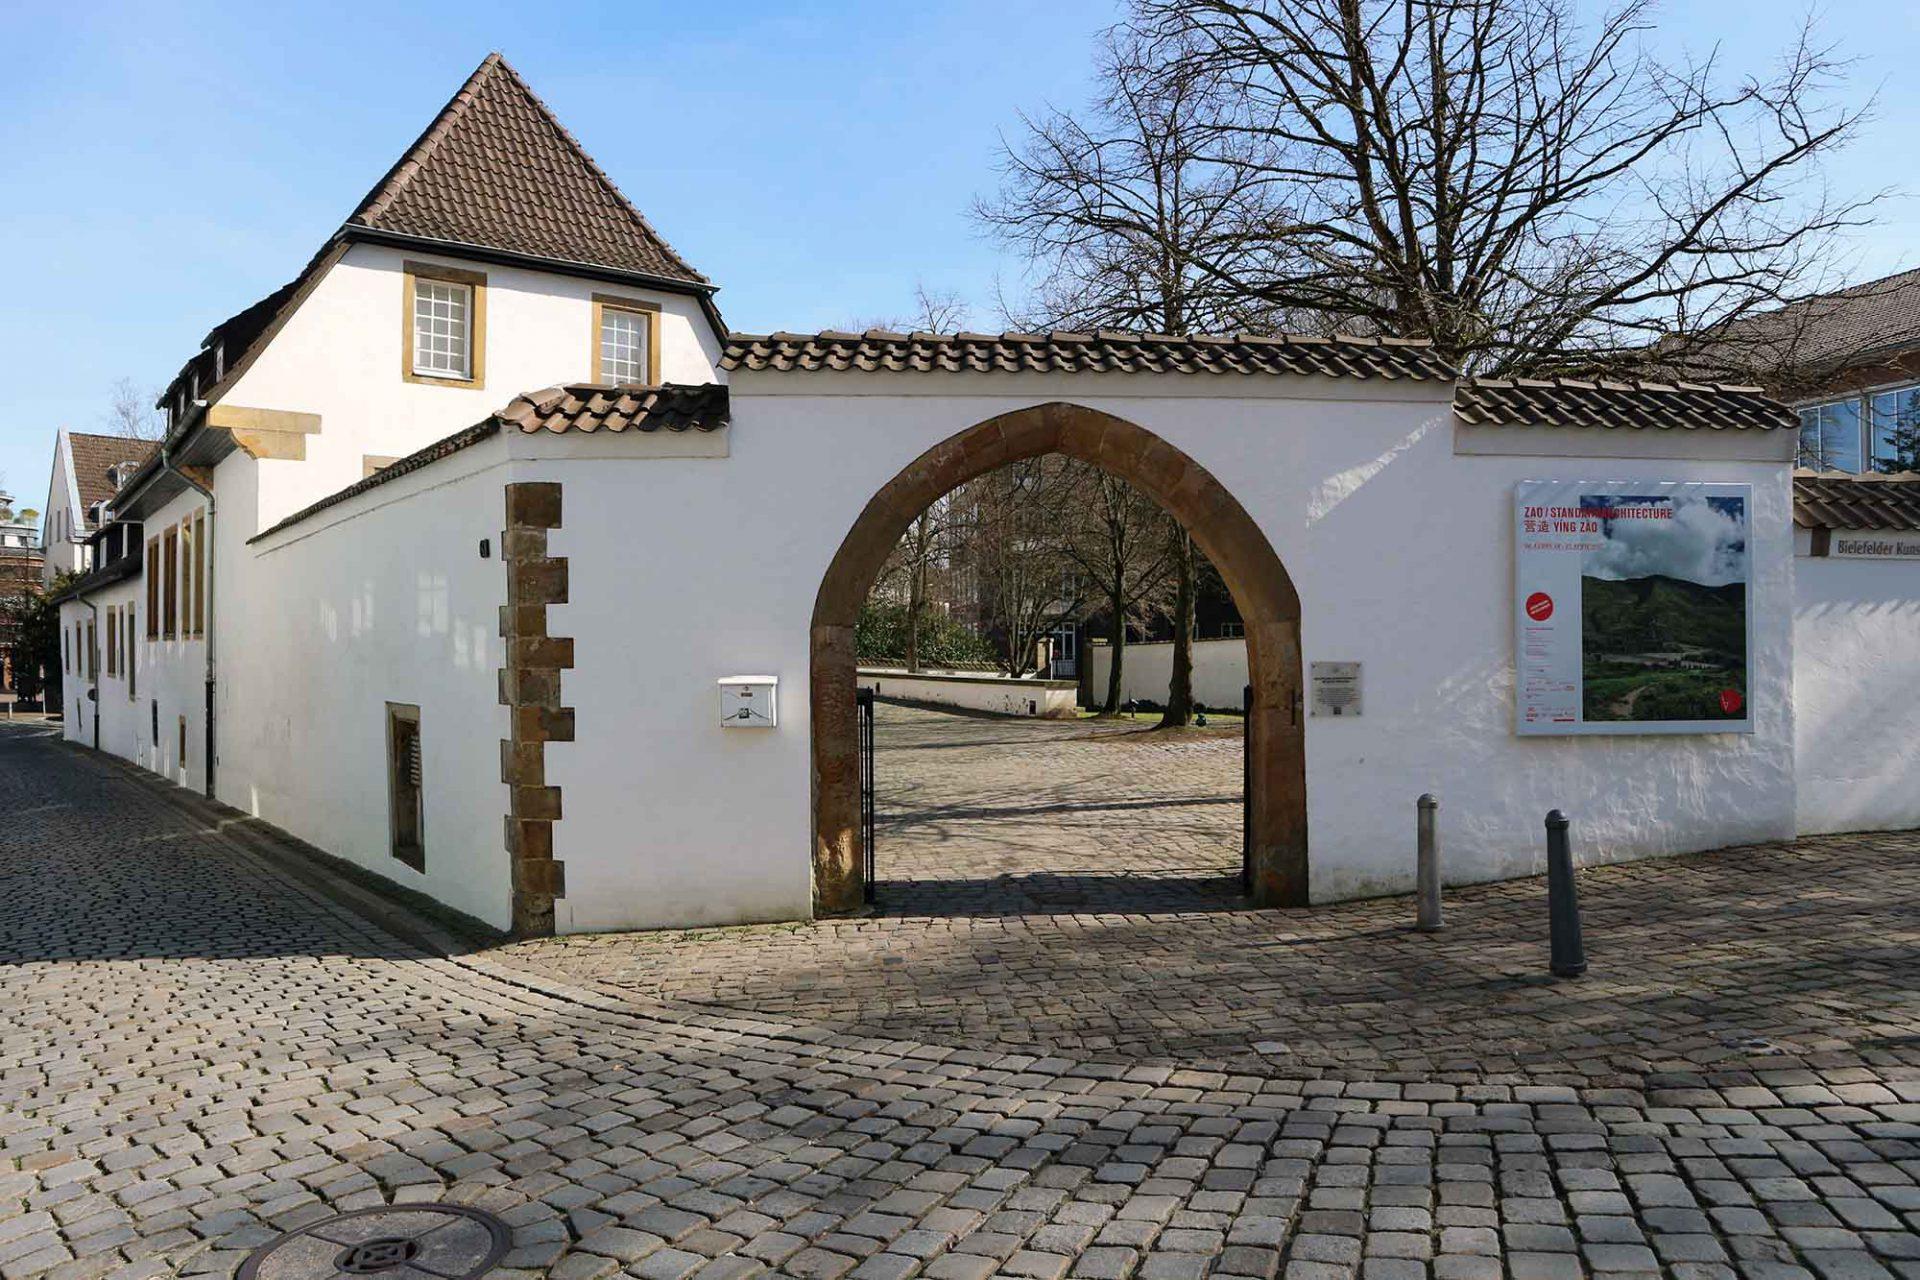 Bielefelder Kunstverein. Die Institution im Museum Waldhof ist eine der größten Kunstvereine des Landes und überzeugt immer wieder mit feinen Ausstellungen.